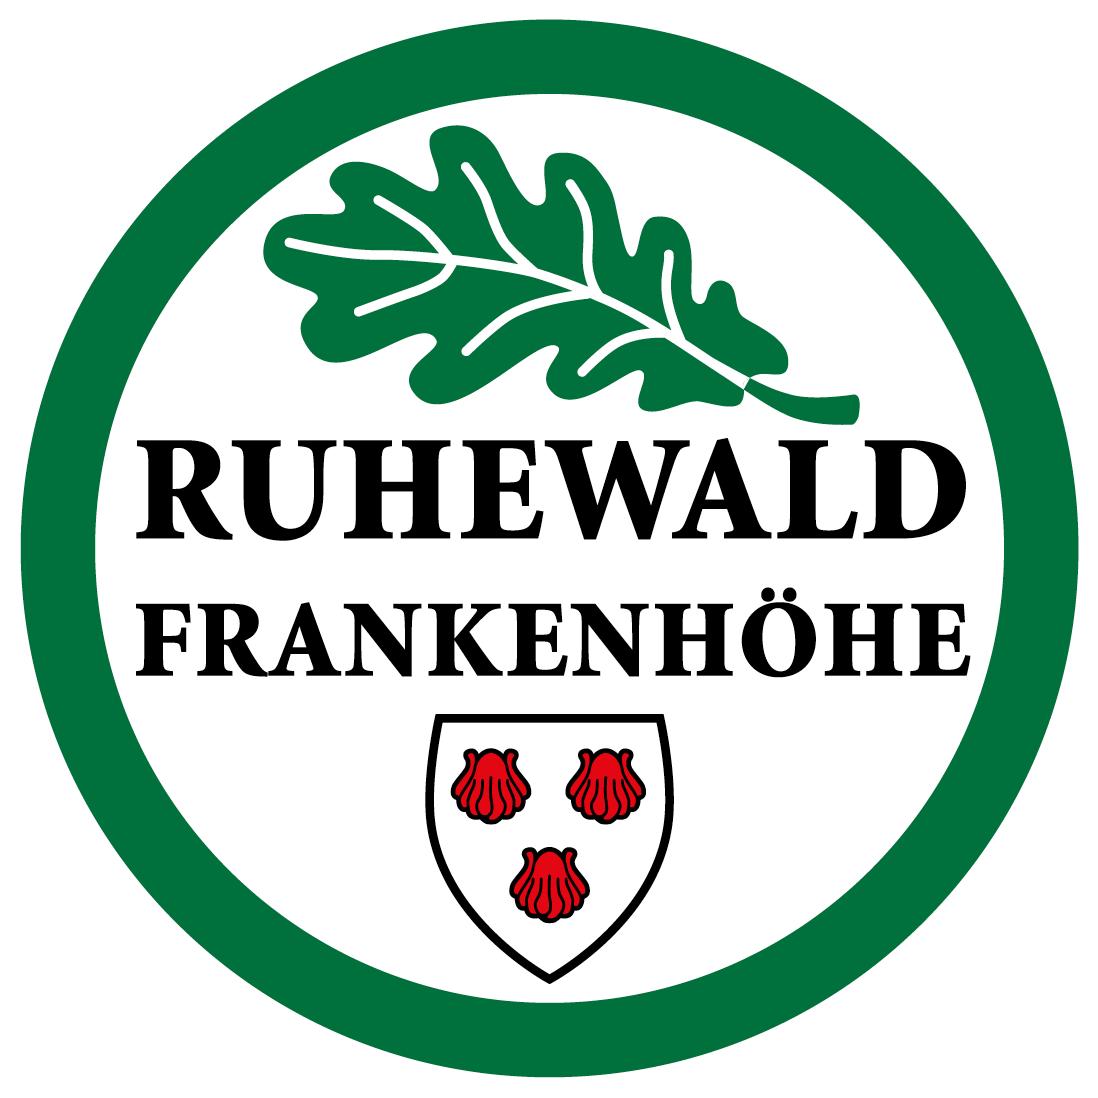 Ruhewald Frankenhöhe